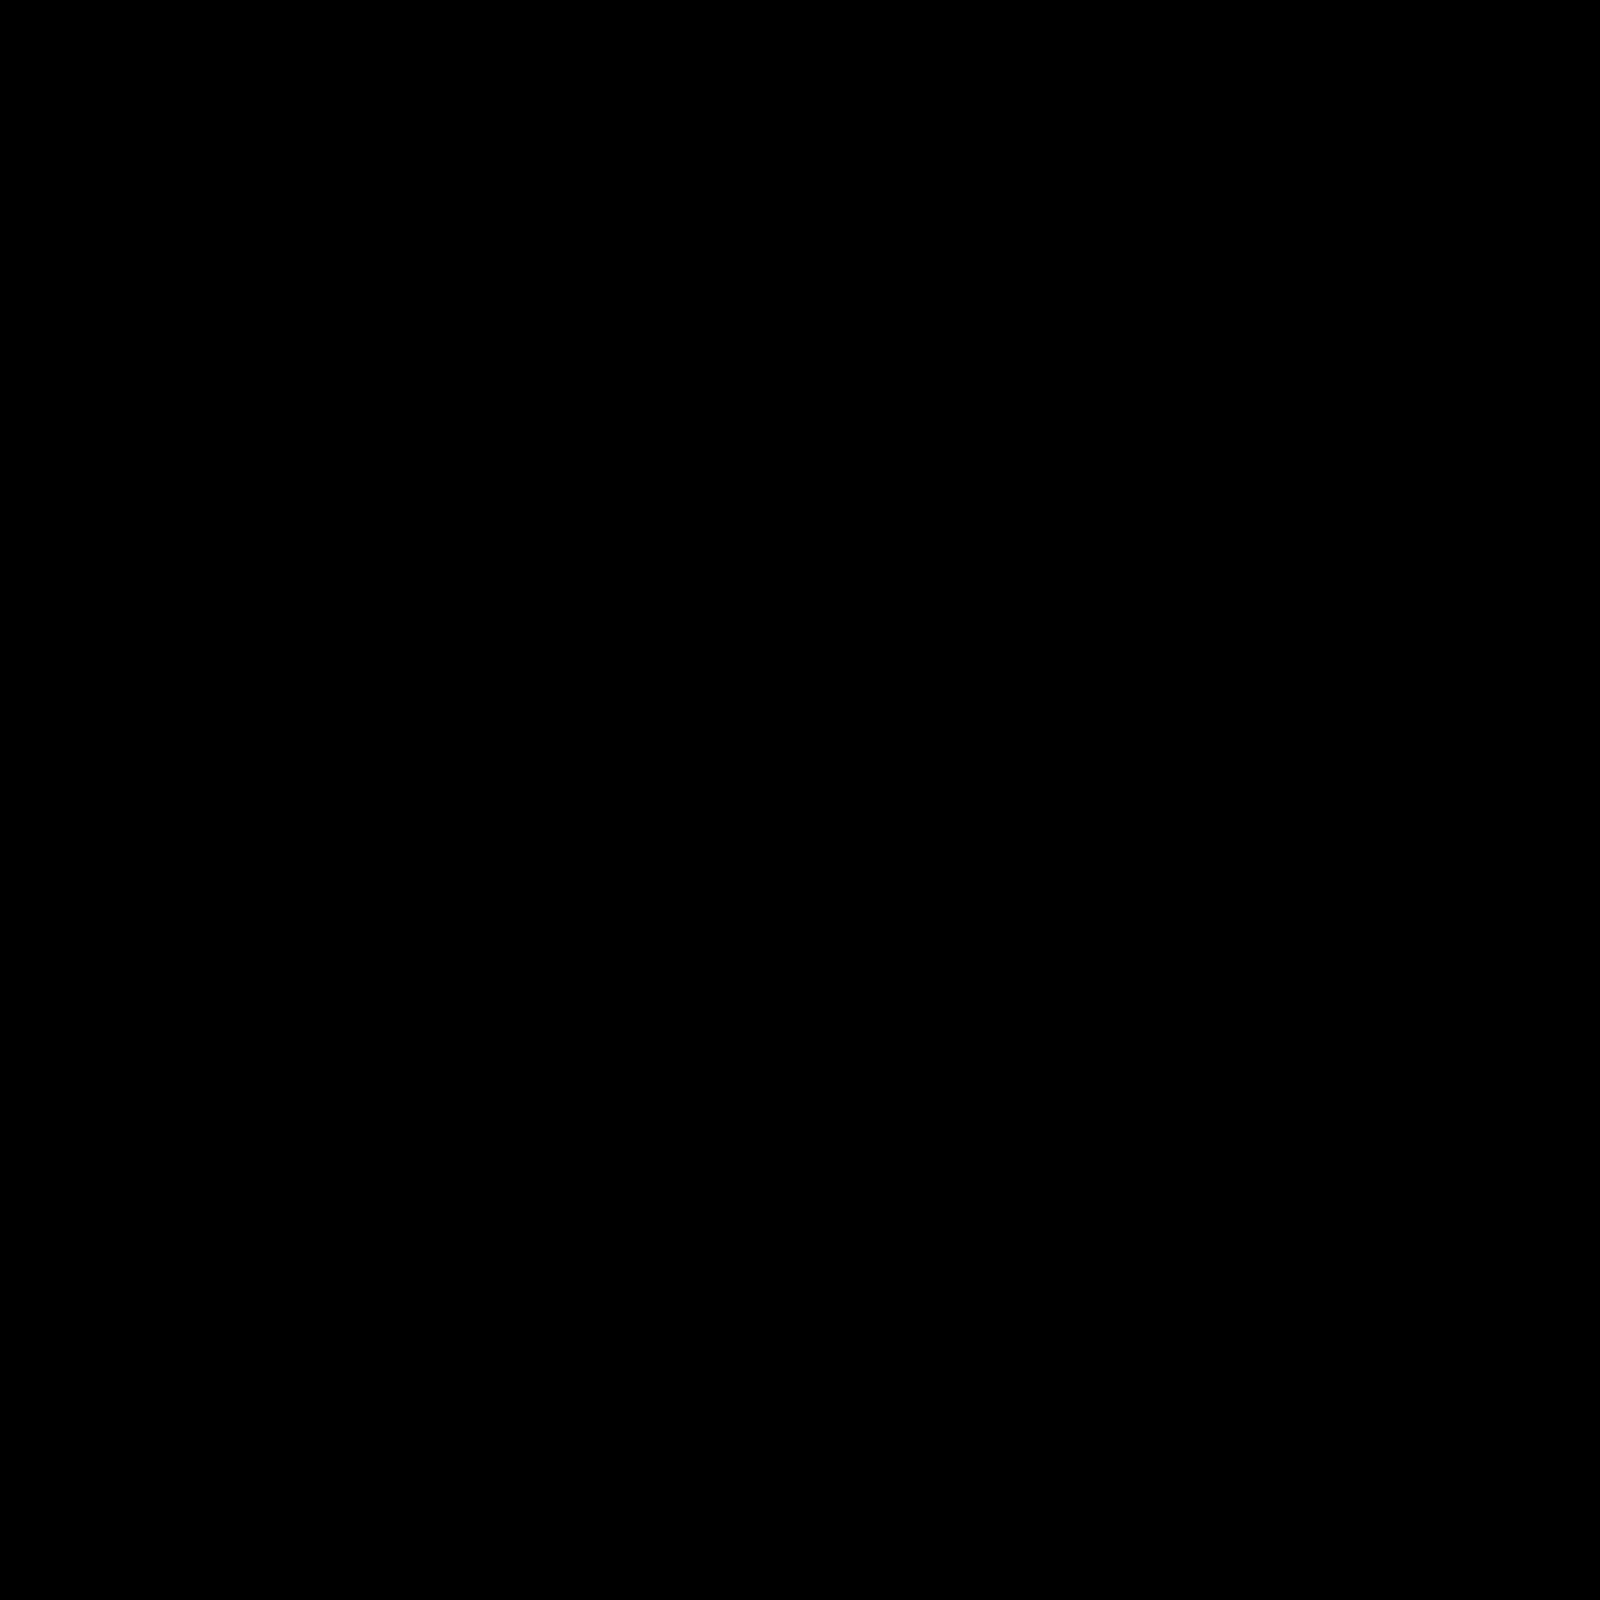 Fleur de sel en arabe